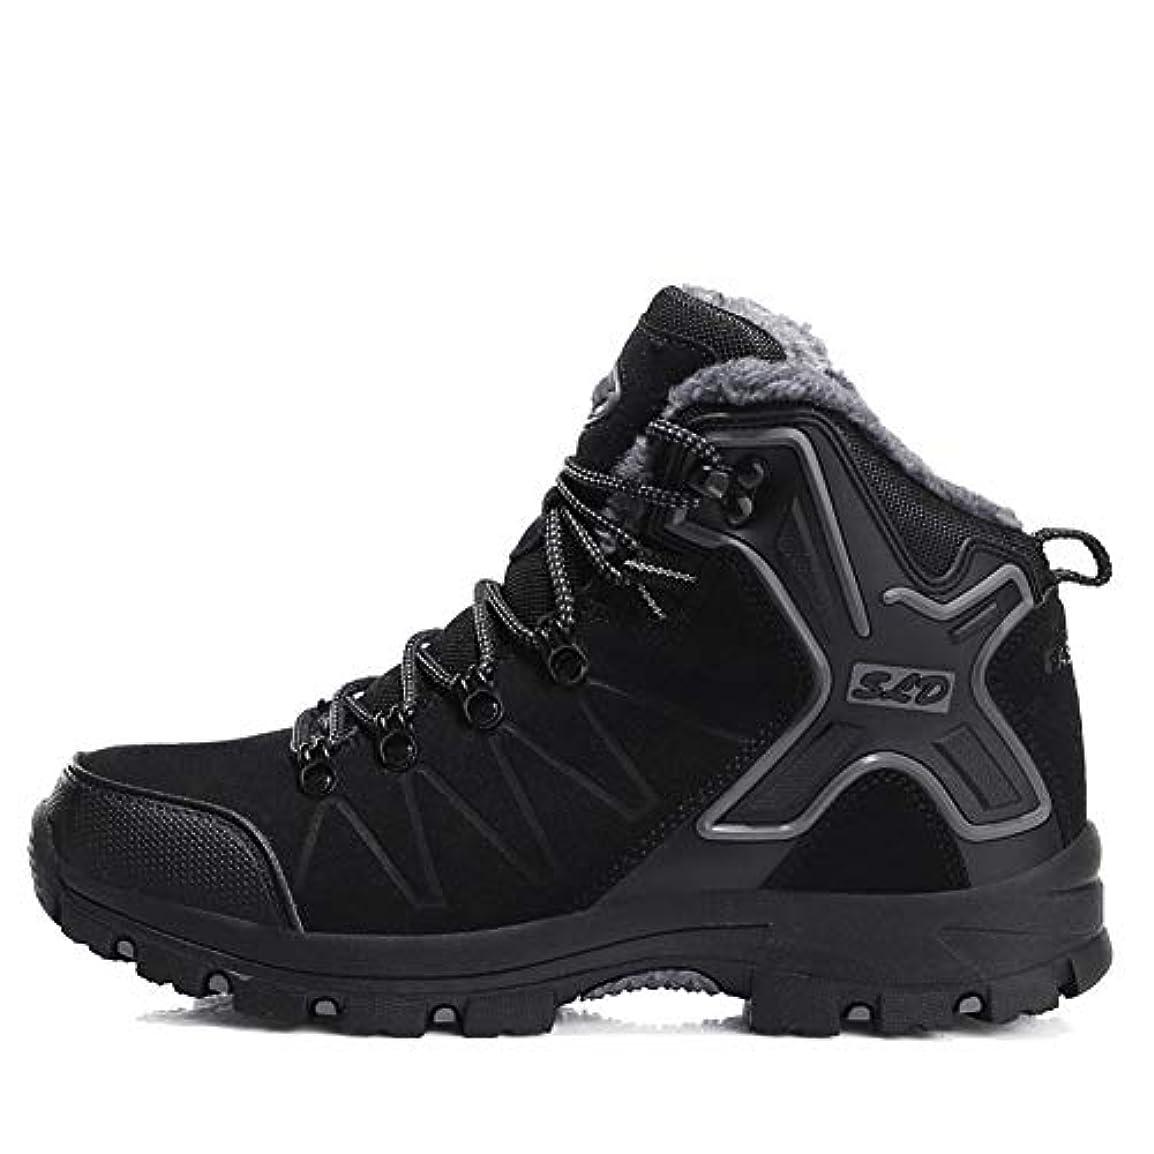 そよ風ローマ人静かに[TcIFE] トレッキングシューズ メンズ 防水 防滑 ハイカット 登山靴 大きいサイズ ハイキングシューズ メンズ 耐磨耗 ハイキングシューズ メンズ 通気性 スニーカー